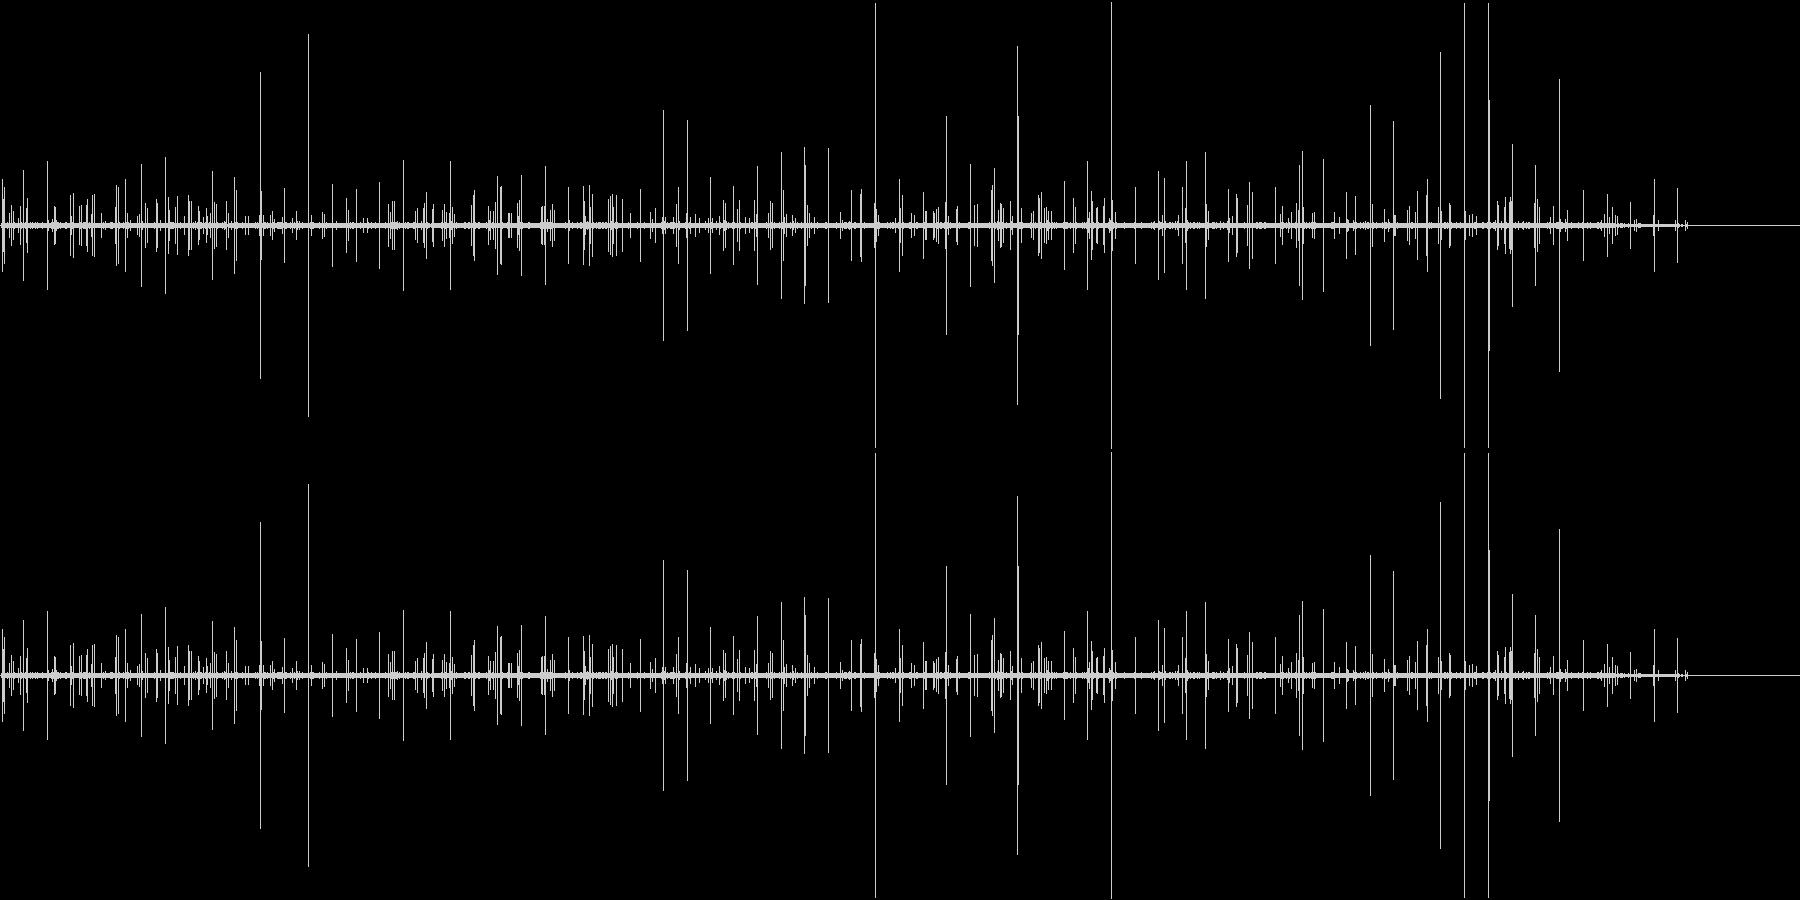 ぶちぶち(ノイズの音)の未再生の波形